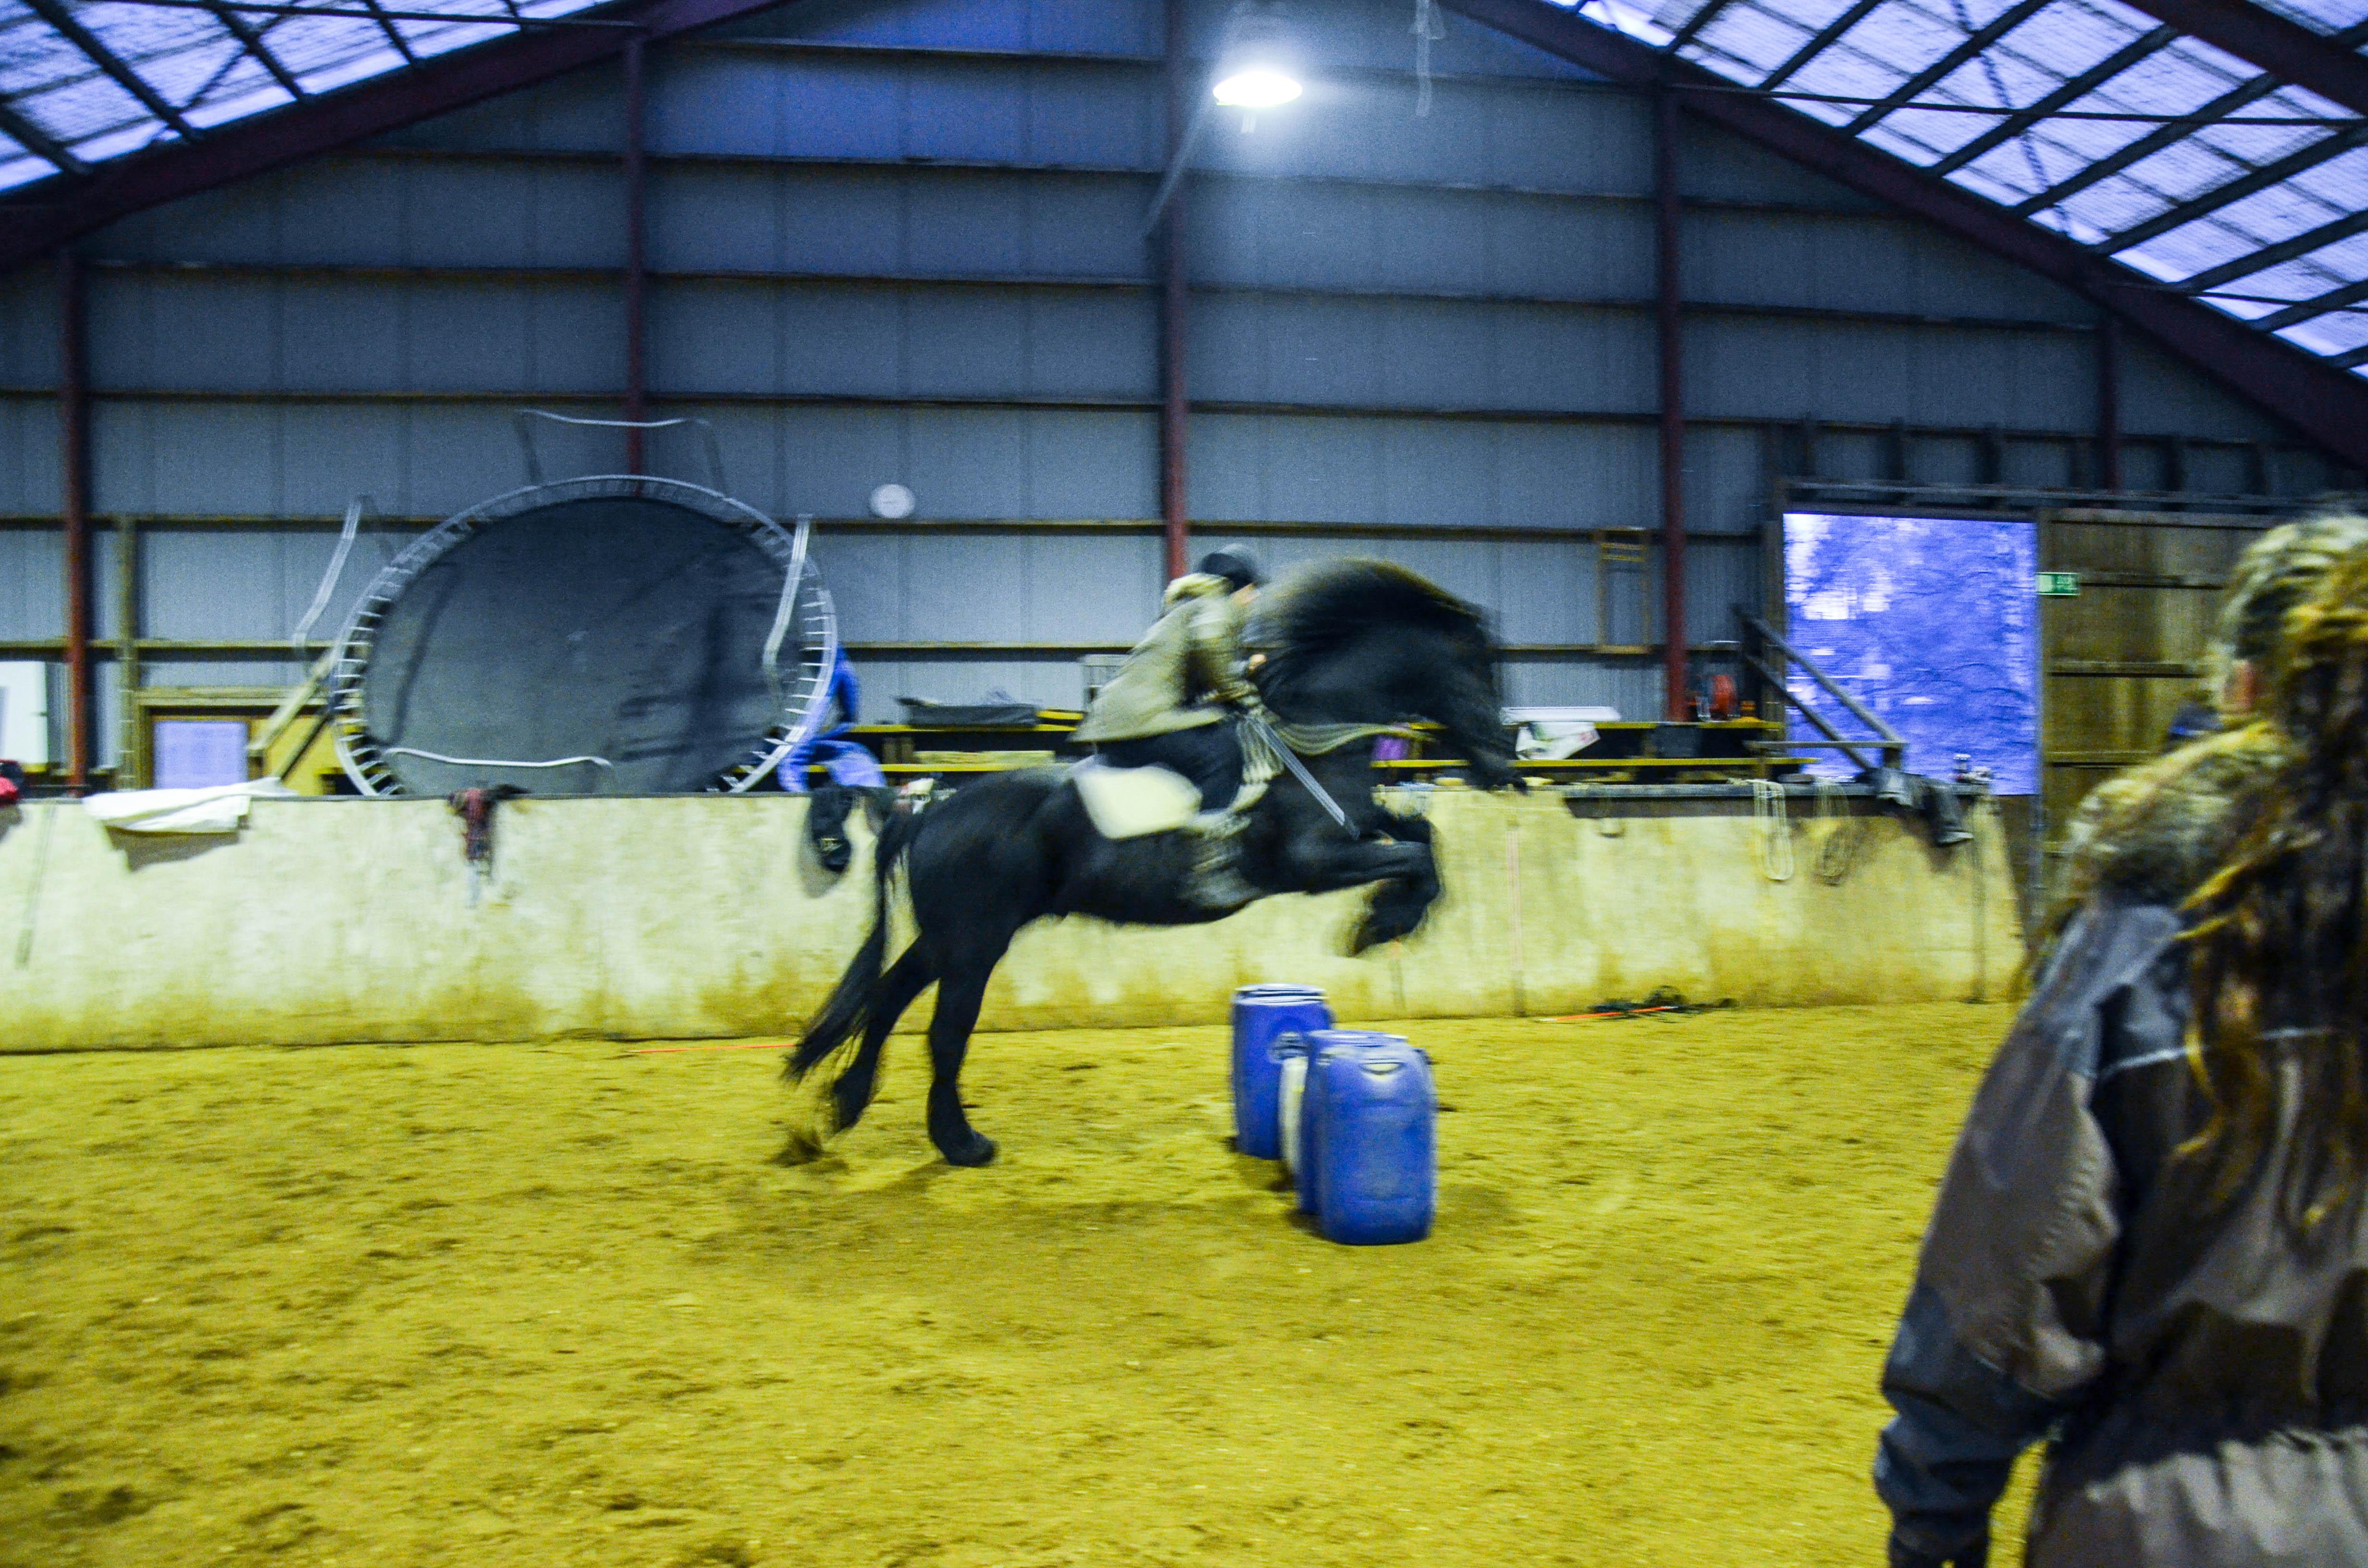 Godt at Rim nå tilbyr og liker å hoppe, for jeg elsker det nemlig :D